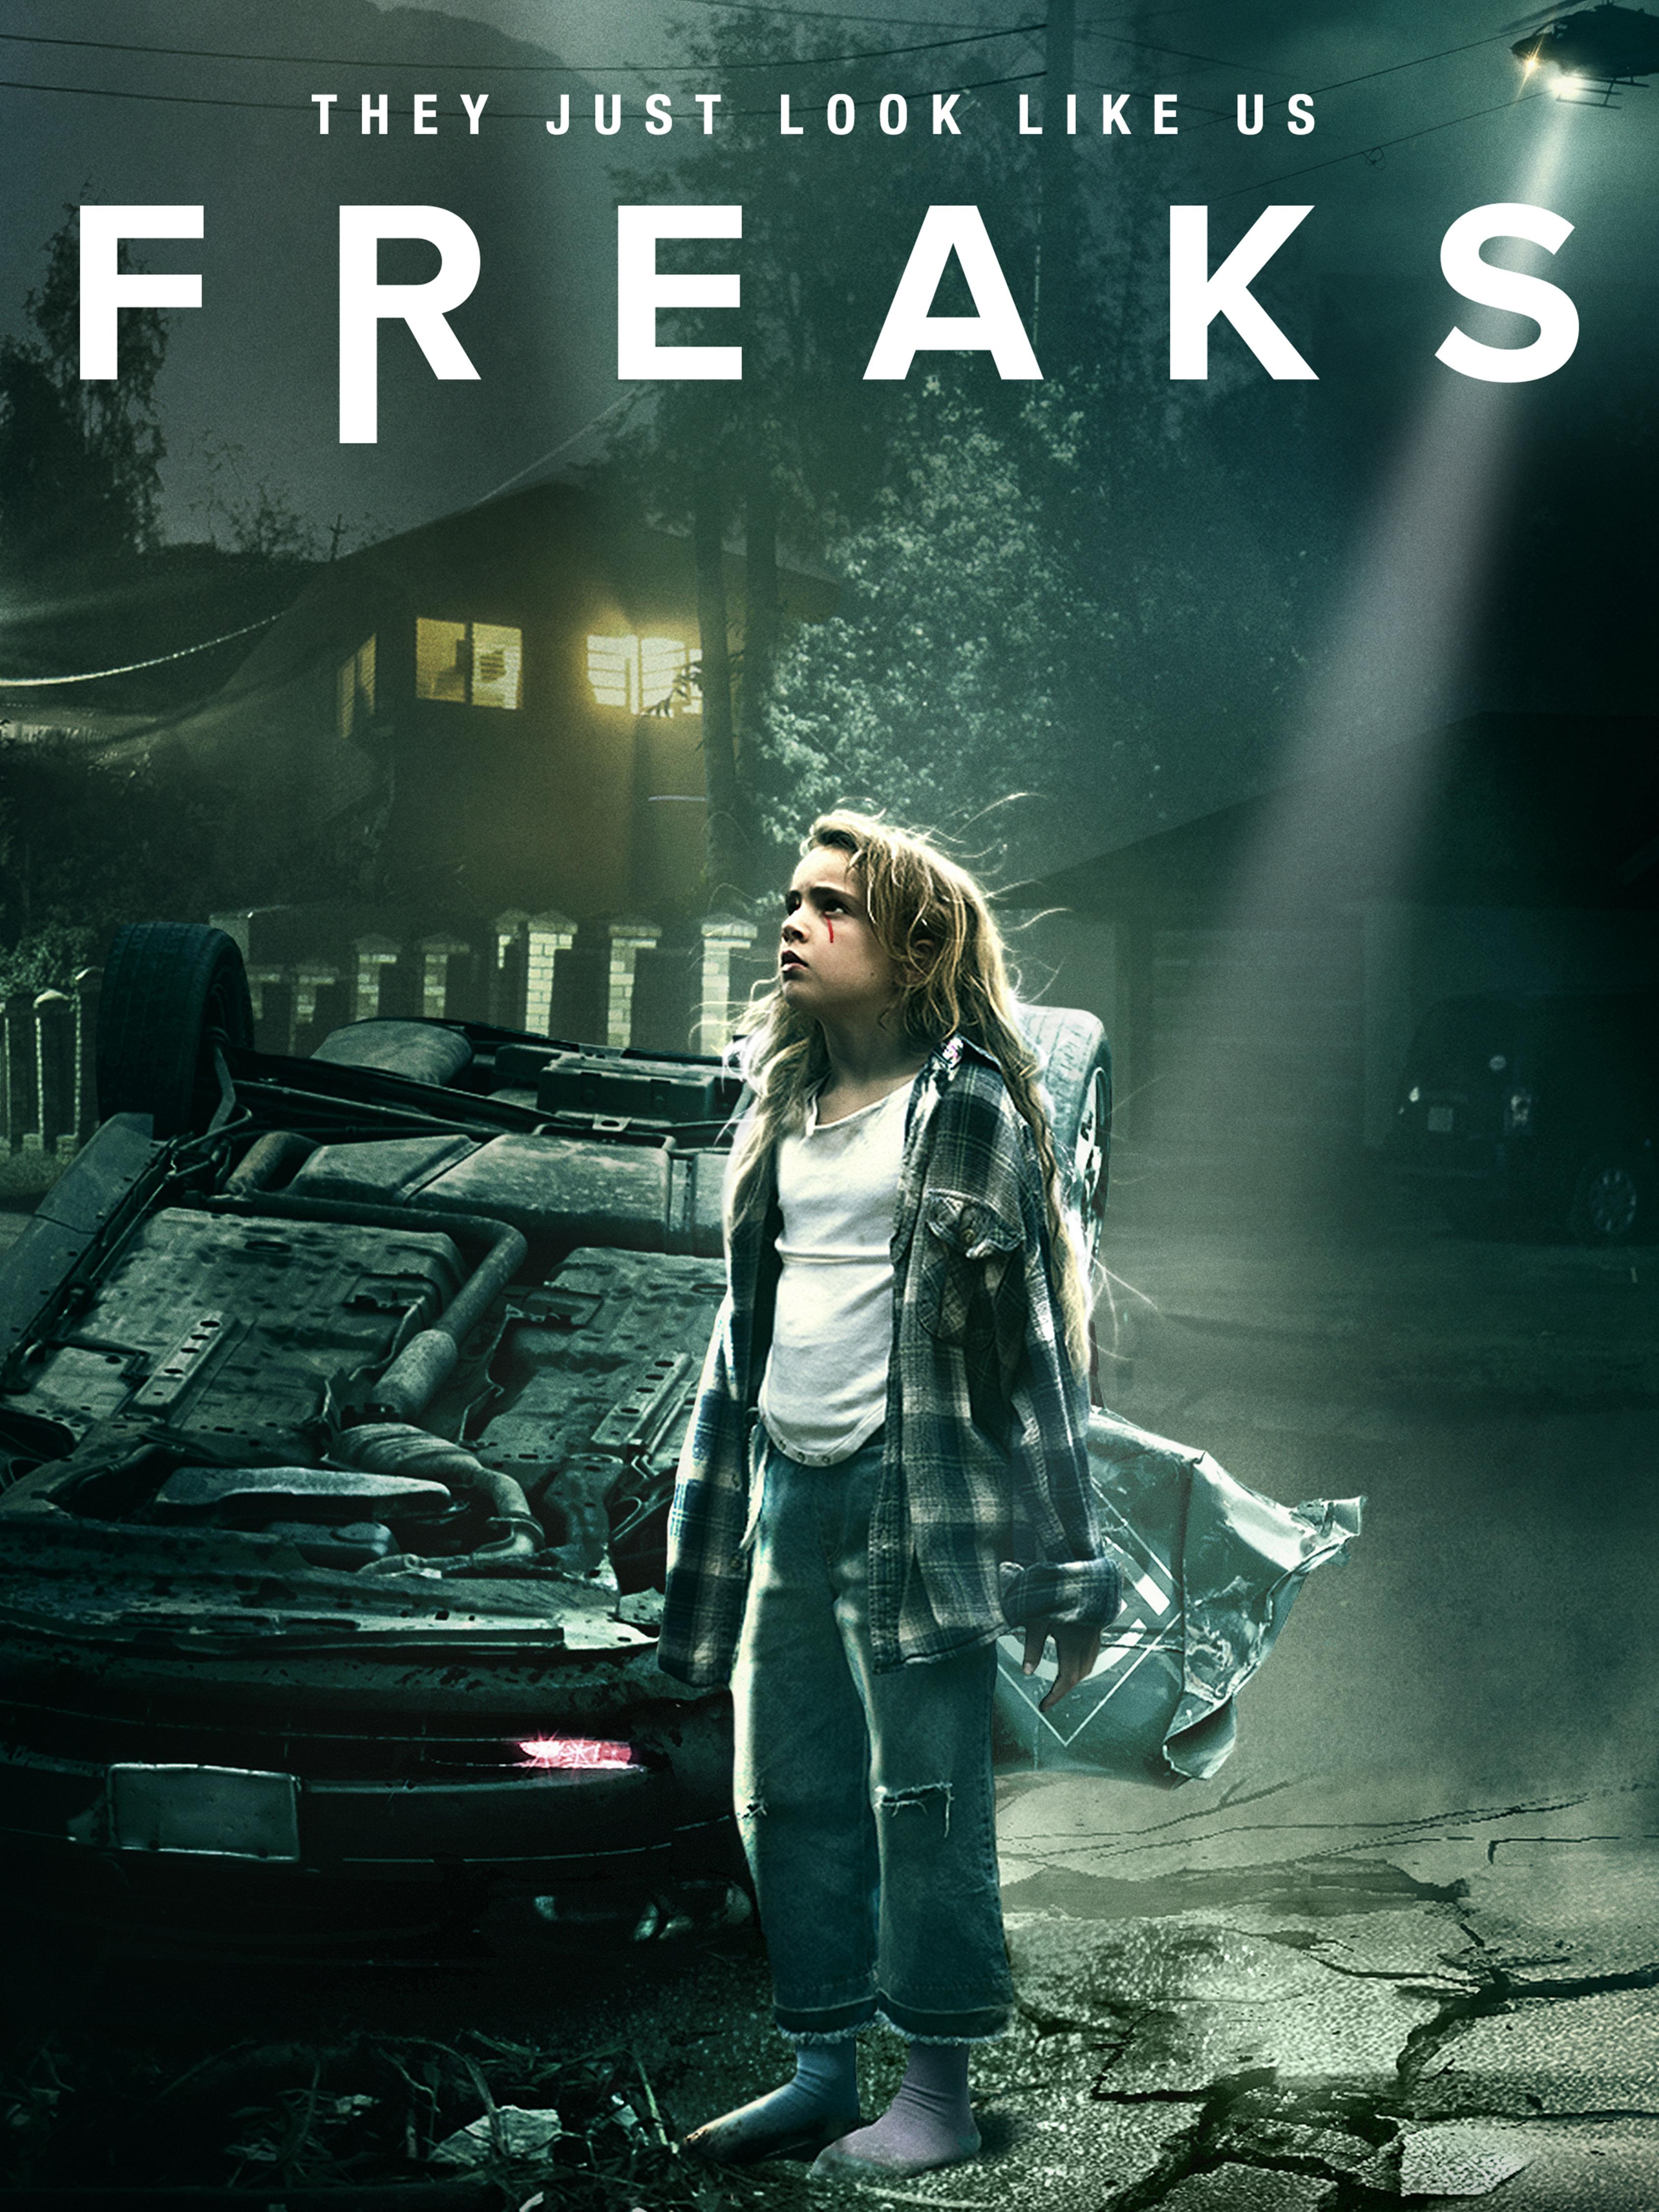 Freaks - Sie sehen aus wie wir